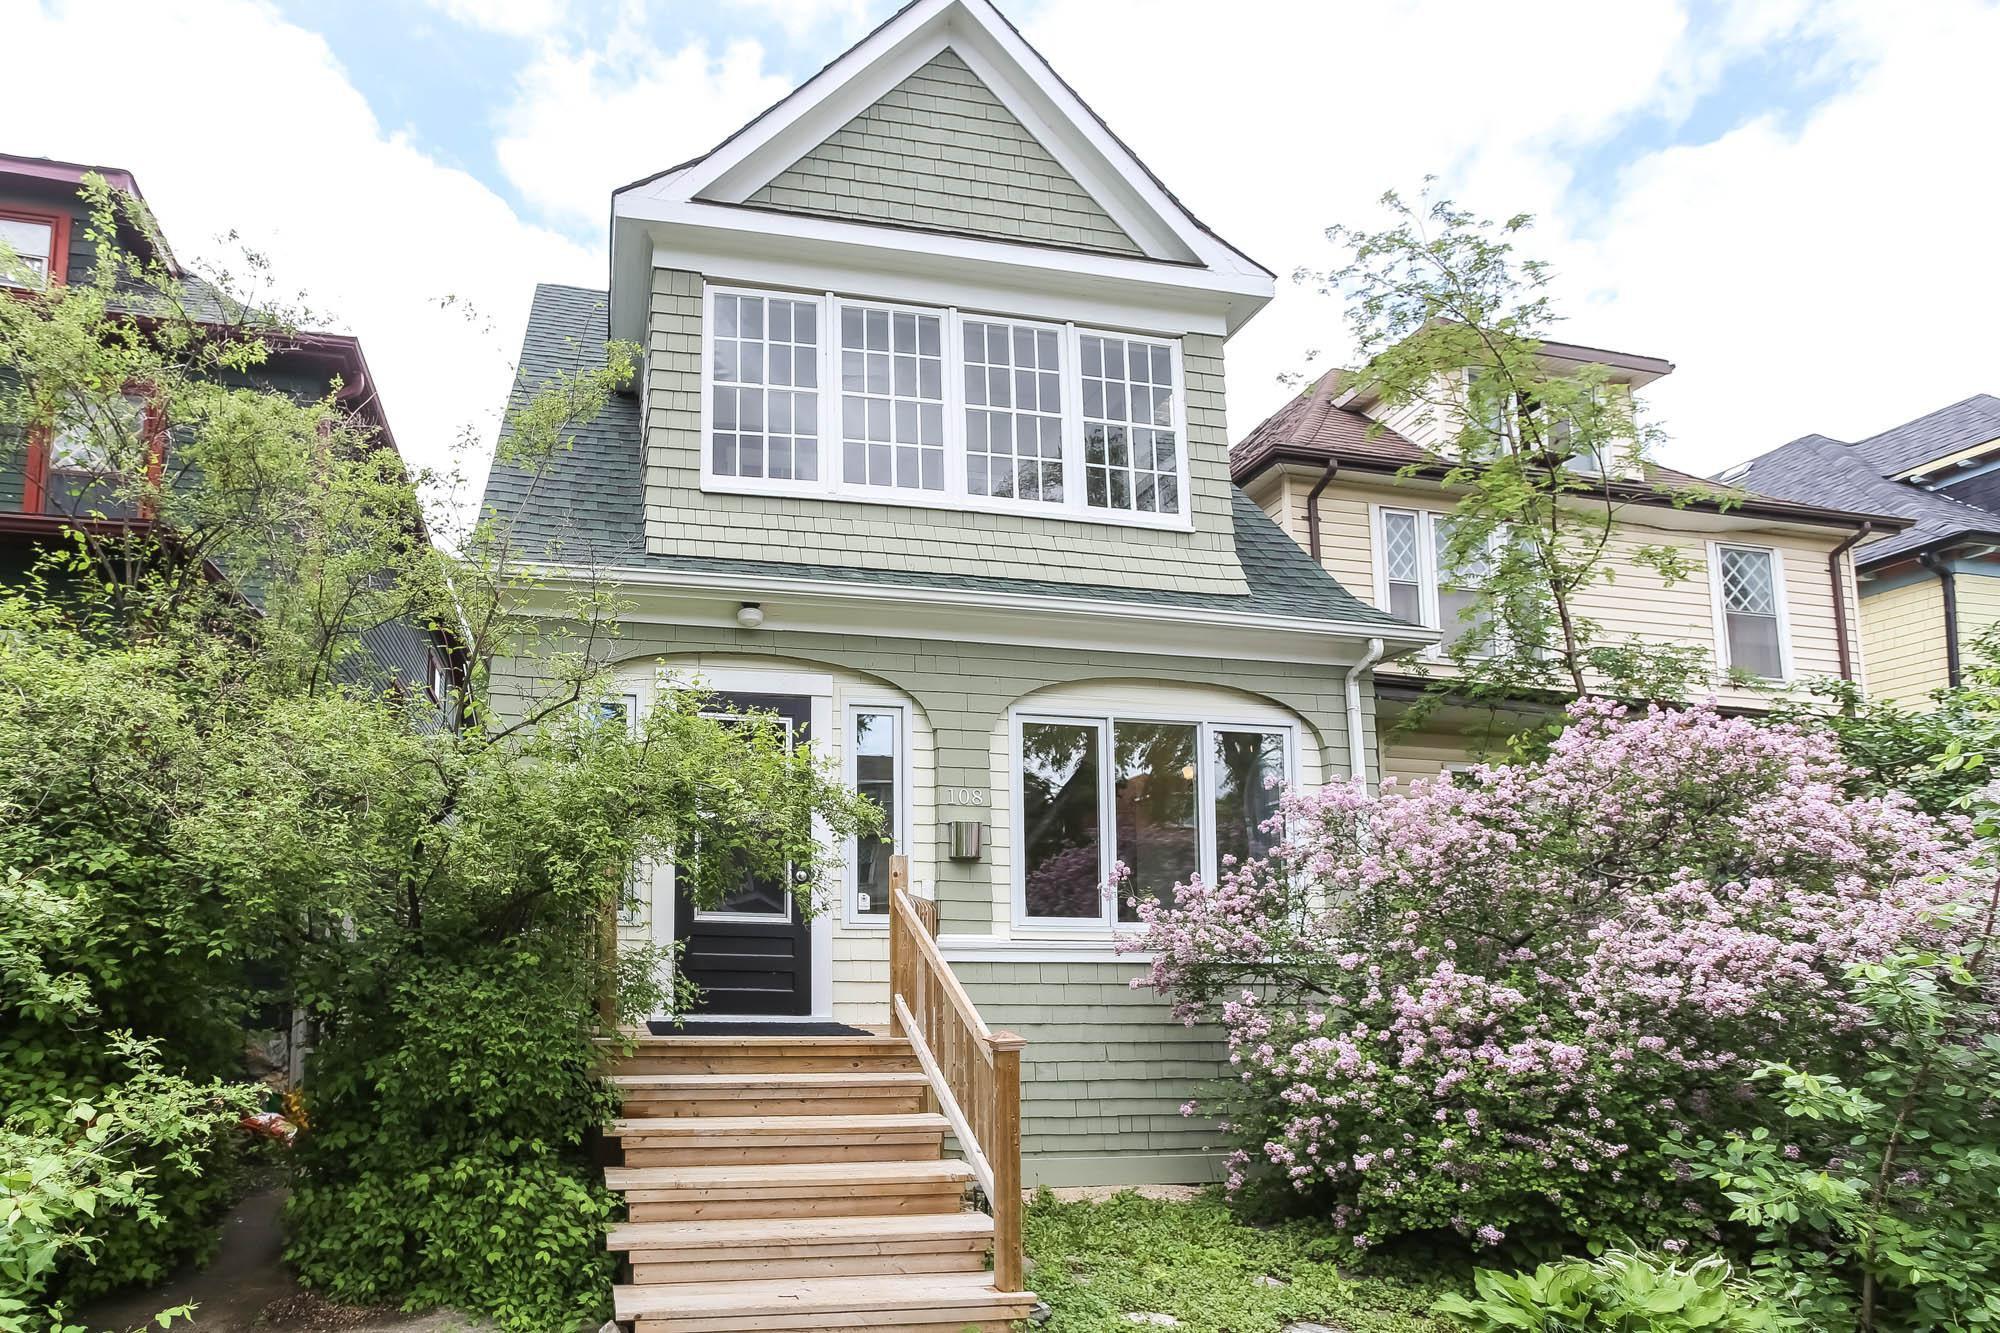 Photo 43: Photos: 108 LENORE Street in Winnipeg: Wolseley Single Family Detached for sale (5B)  : MLS®# 202013079